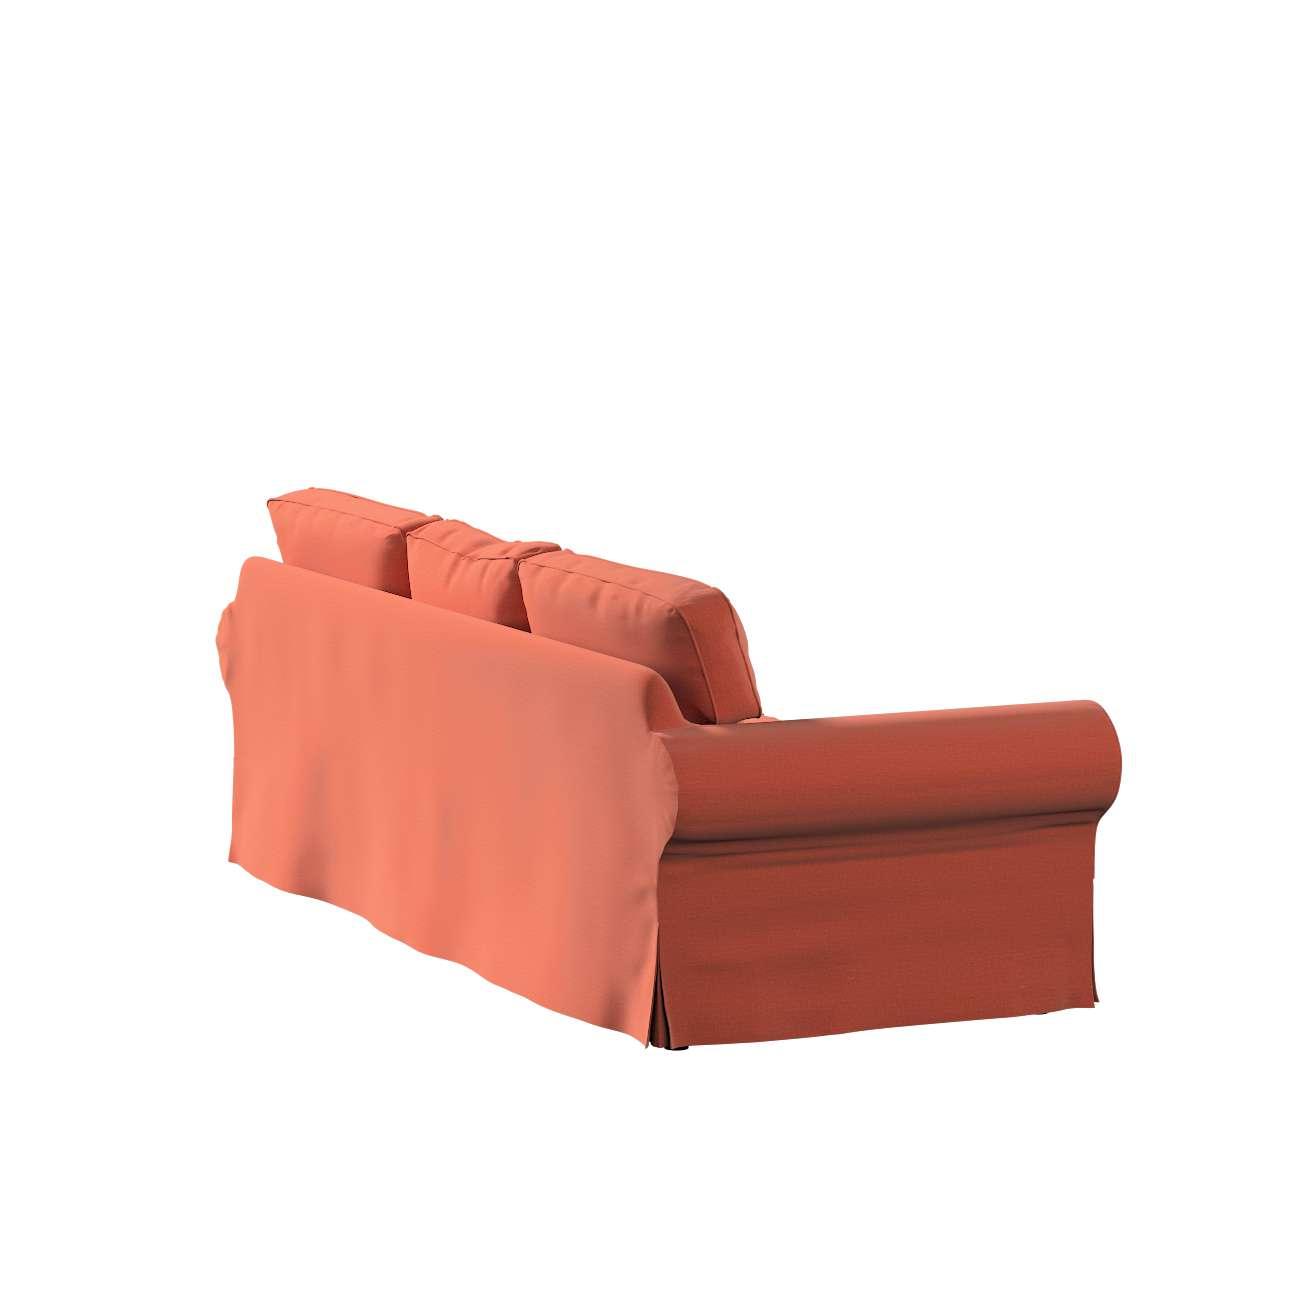 Pokrowiec na sofę Ektorp 3-osobową, rozkładaną w kolekcji Ingrid, tkanina: 705-37